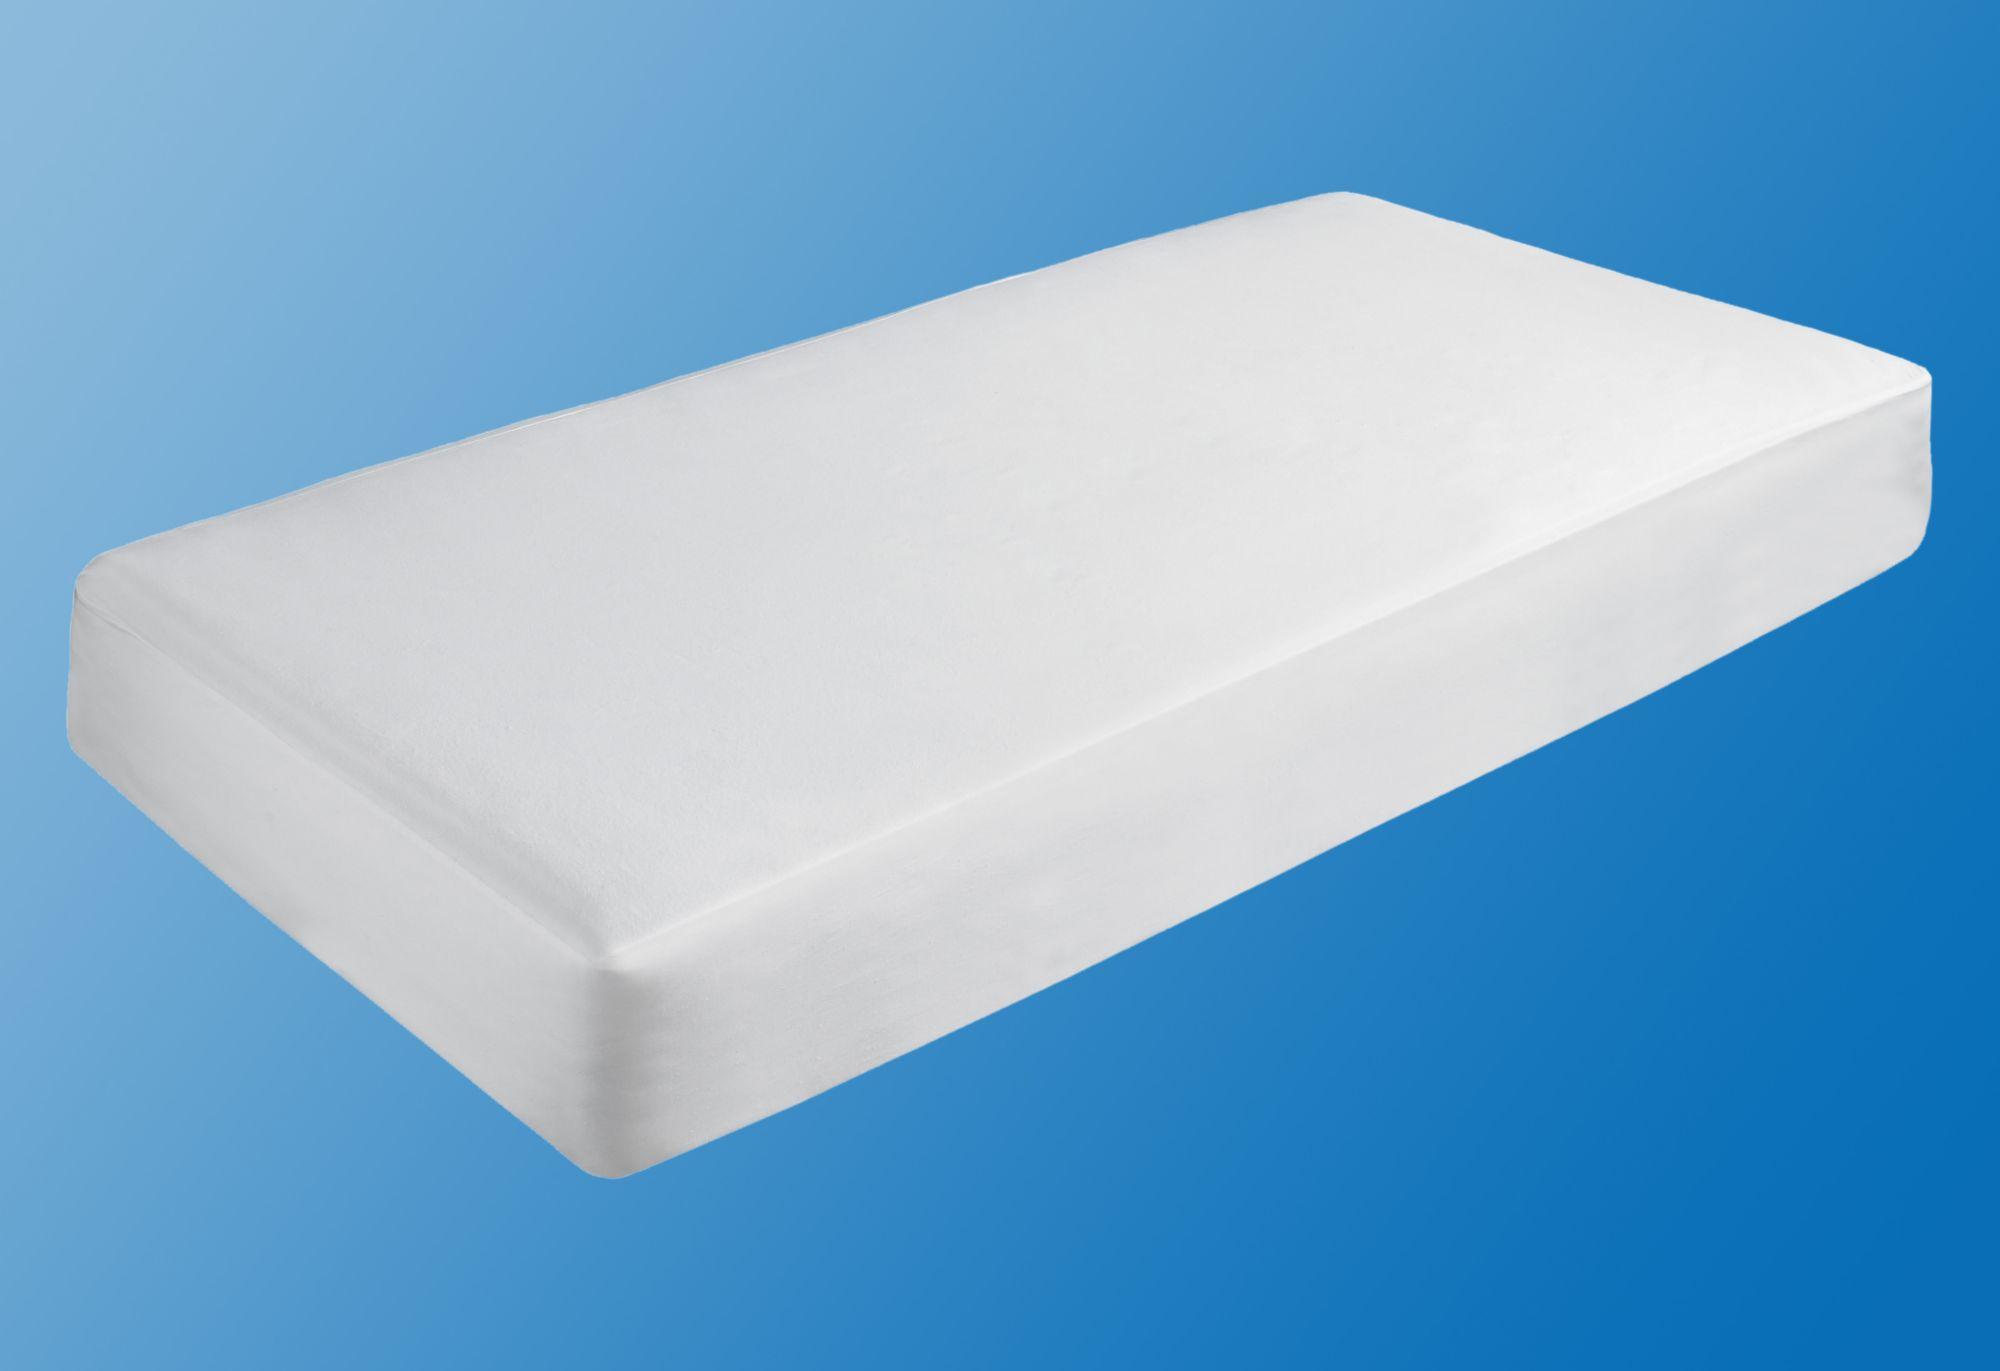 spannbettlaken wasserdicht setex 1 tlg oder 2 tlg schwab versand schlafen xxl. Black Bedroom Furniture Sets. Home Design Ideas